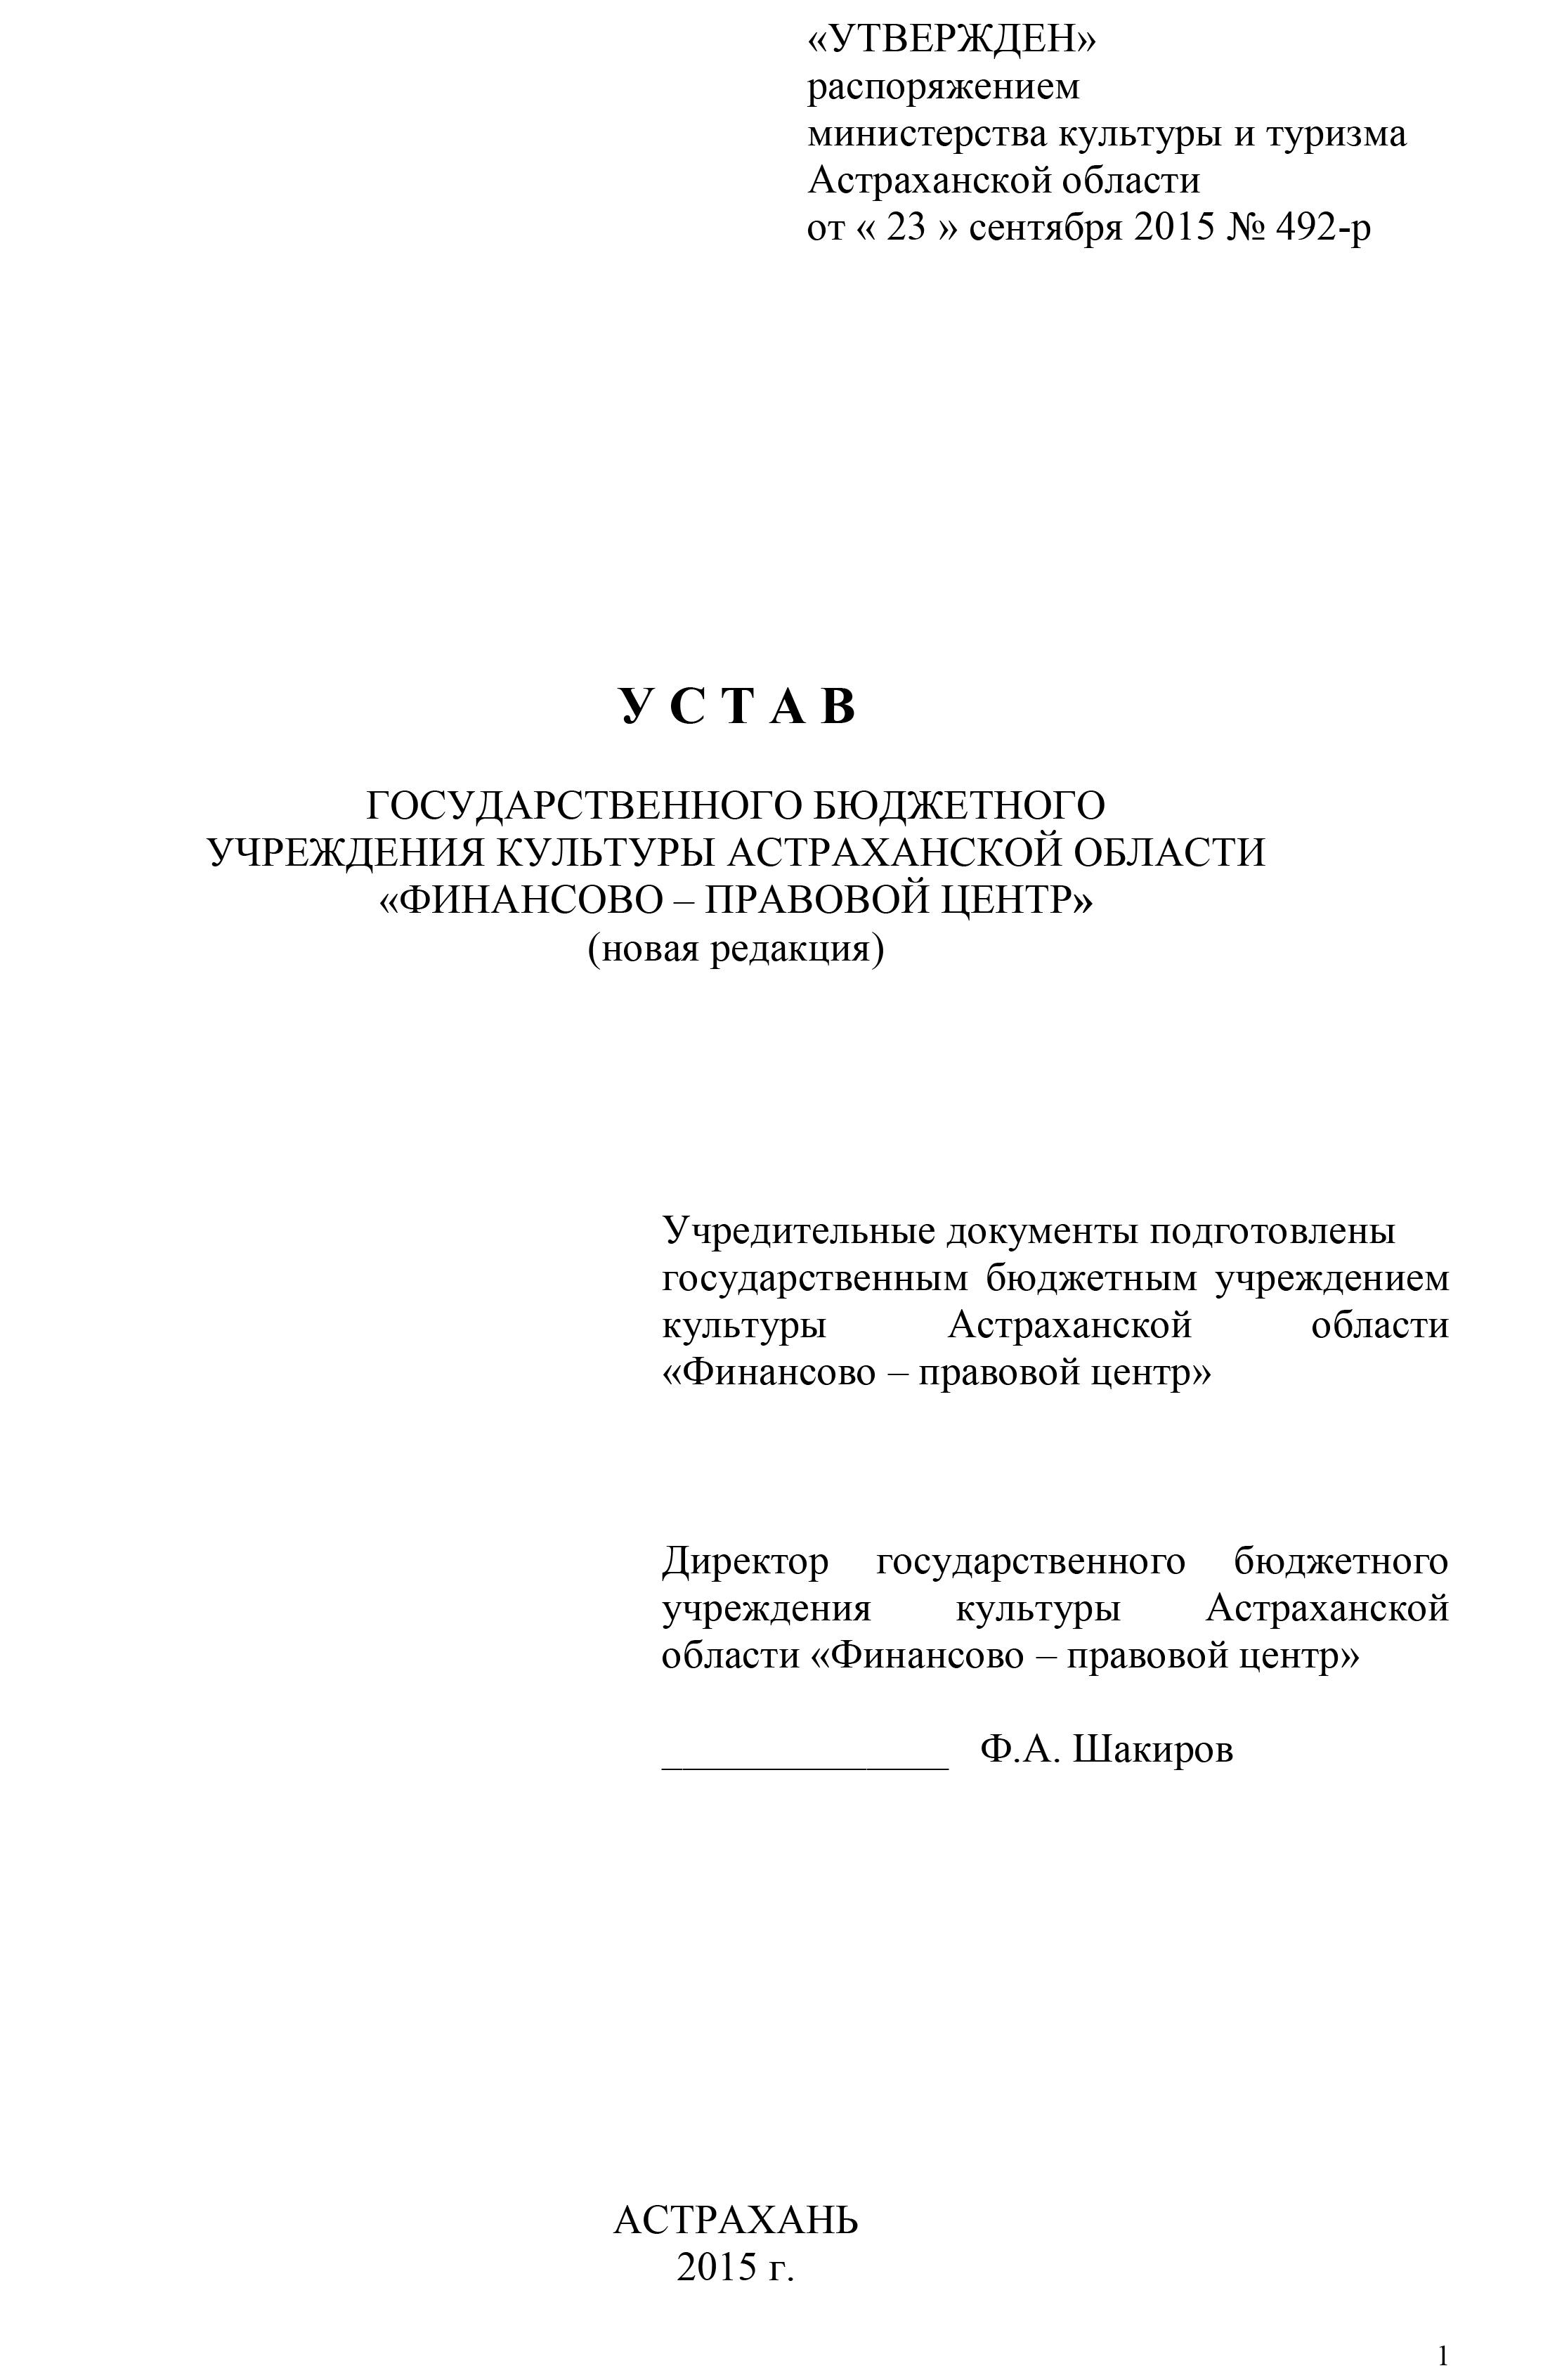 Устав ГБУК АО «ФИНАНСОВО – ПРАВОВОЙ ЦЕНТР» (новая редакция)